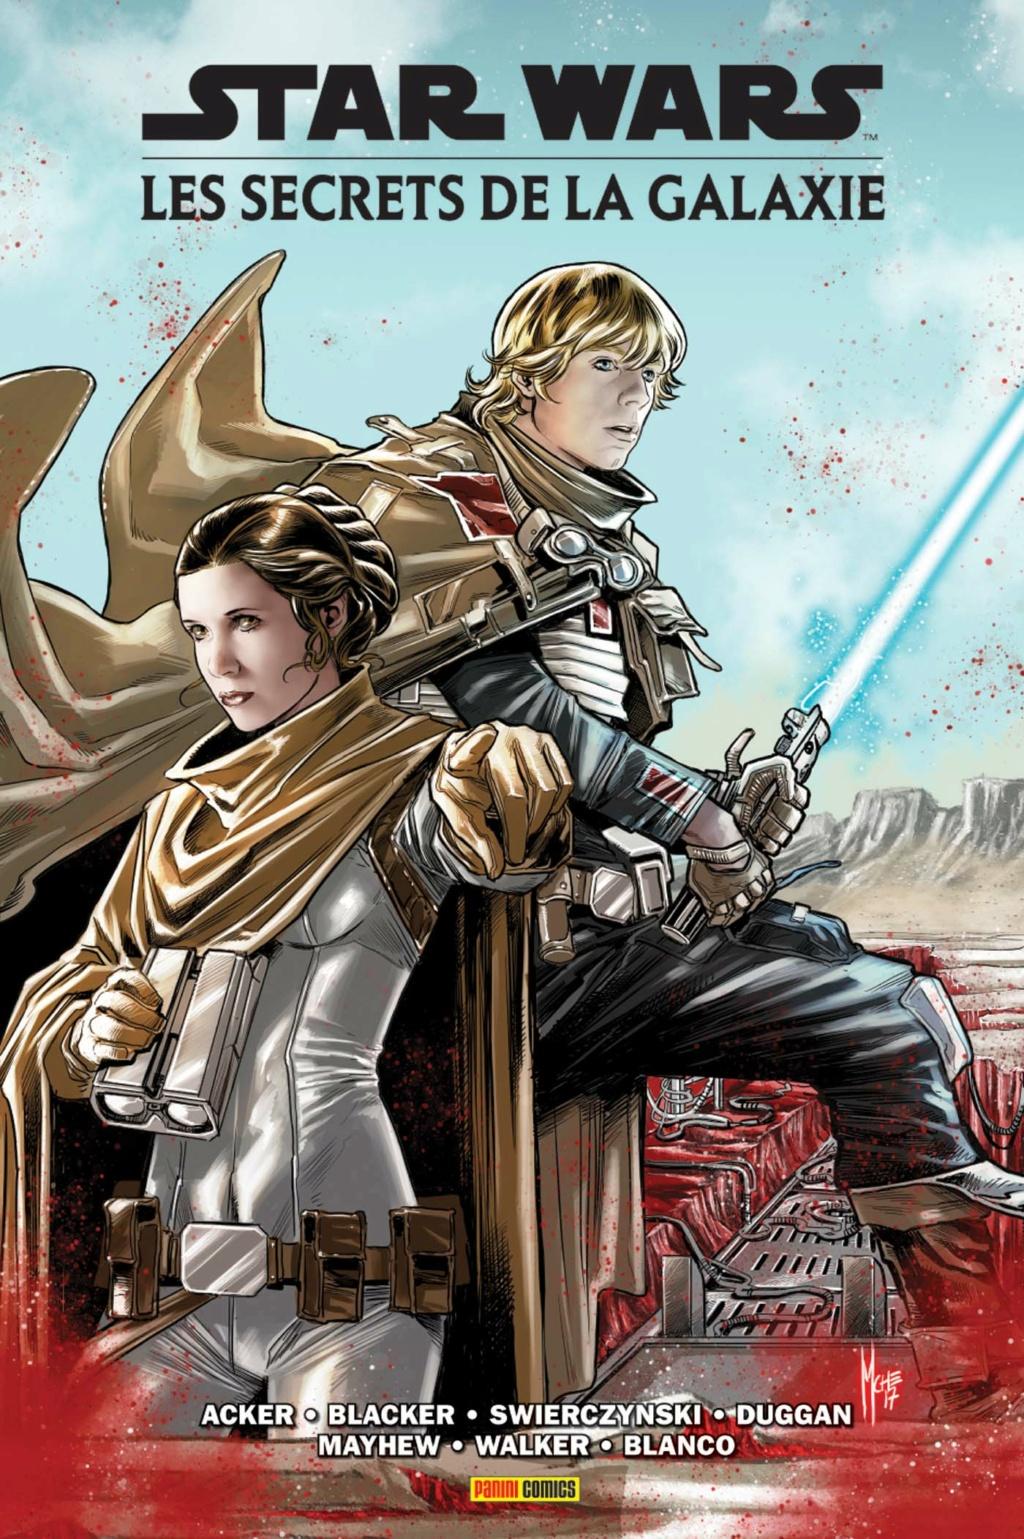 Star Wars : Les secrets de la Galaxie - PANINI 97828027